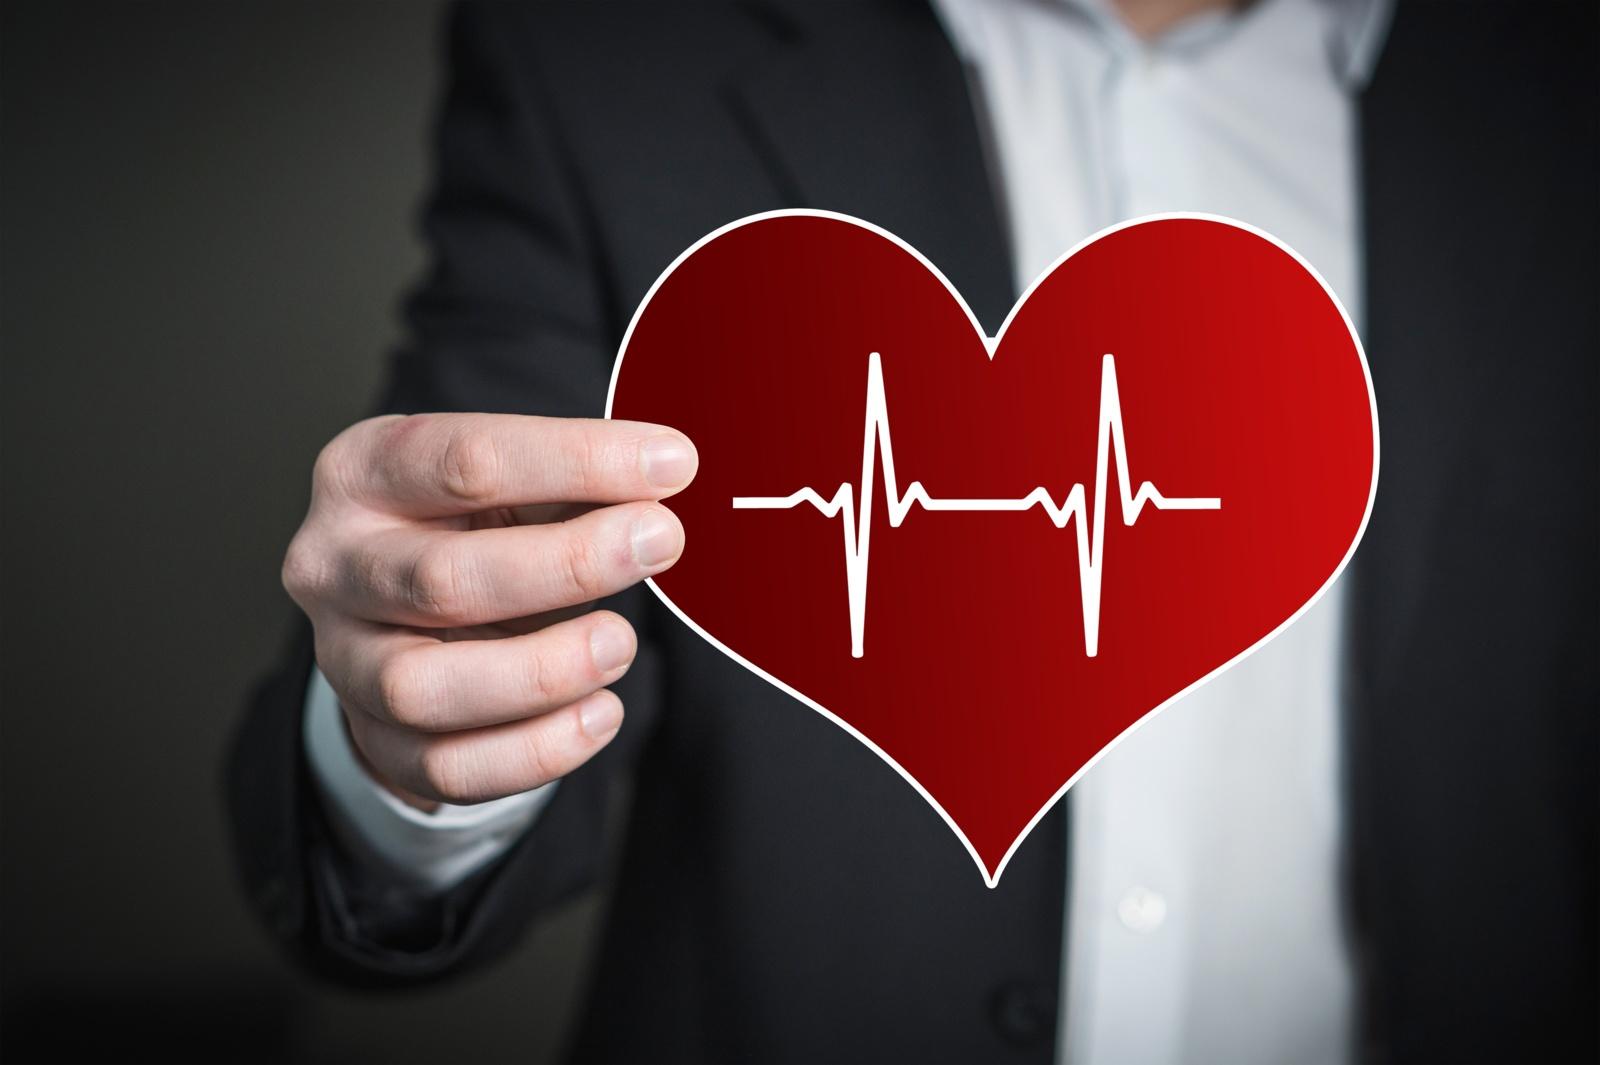 hipertenzija hipertenzinė krizė, kaip gydyti)